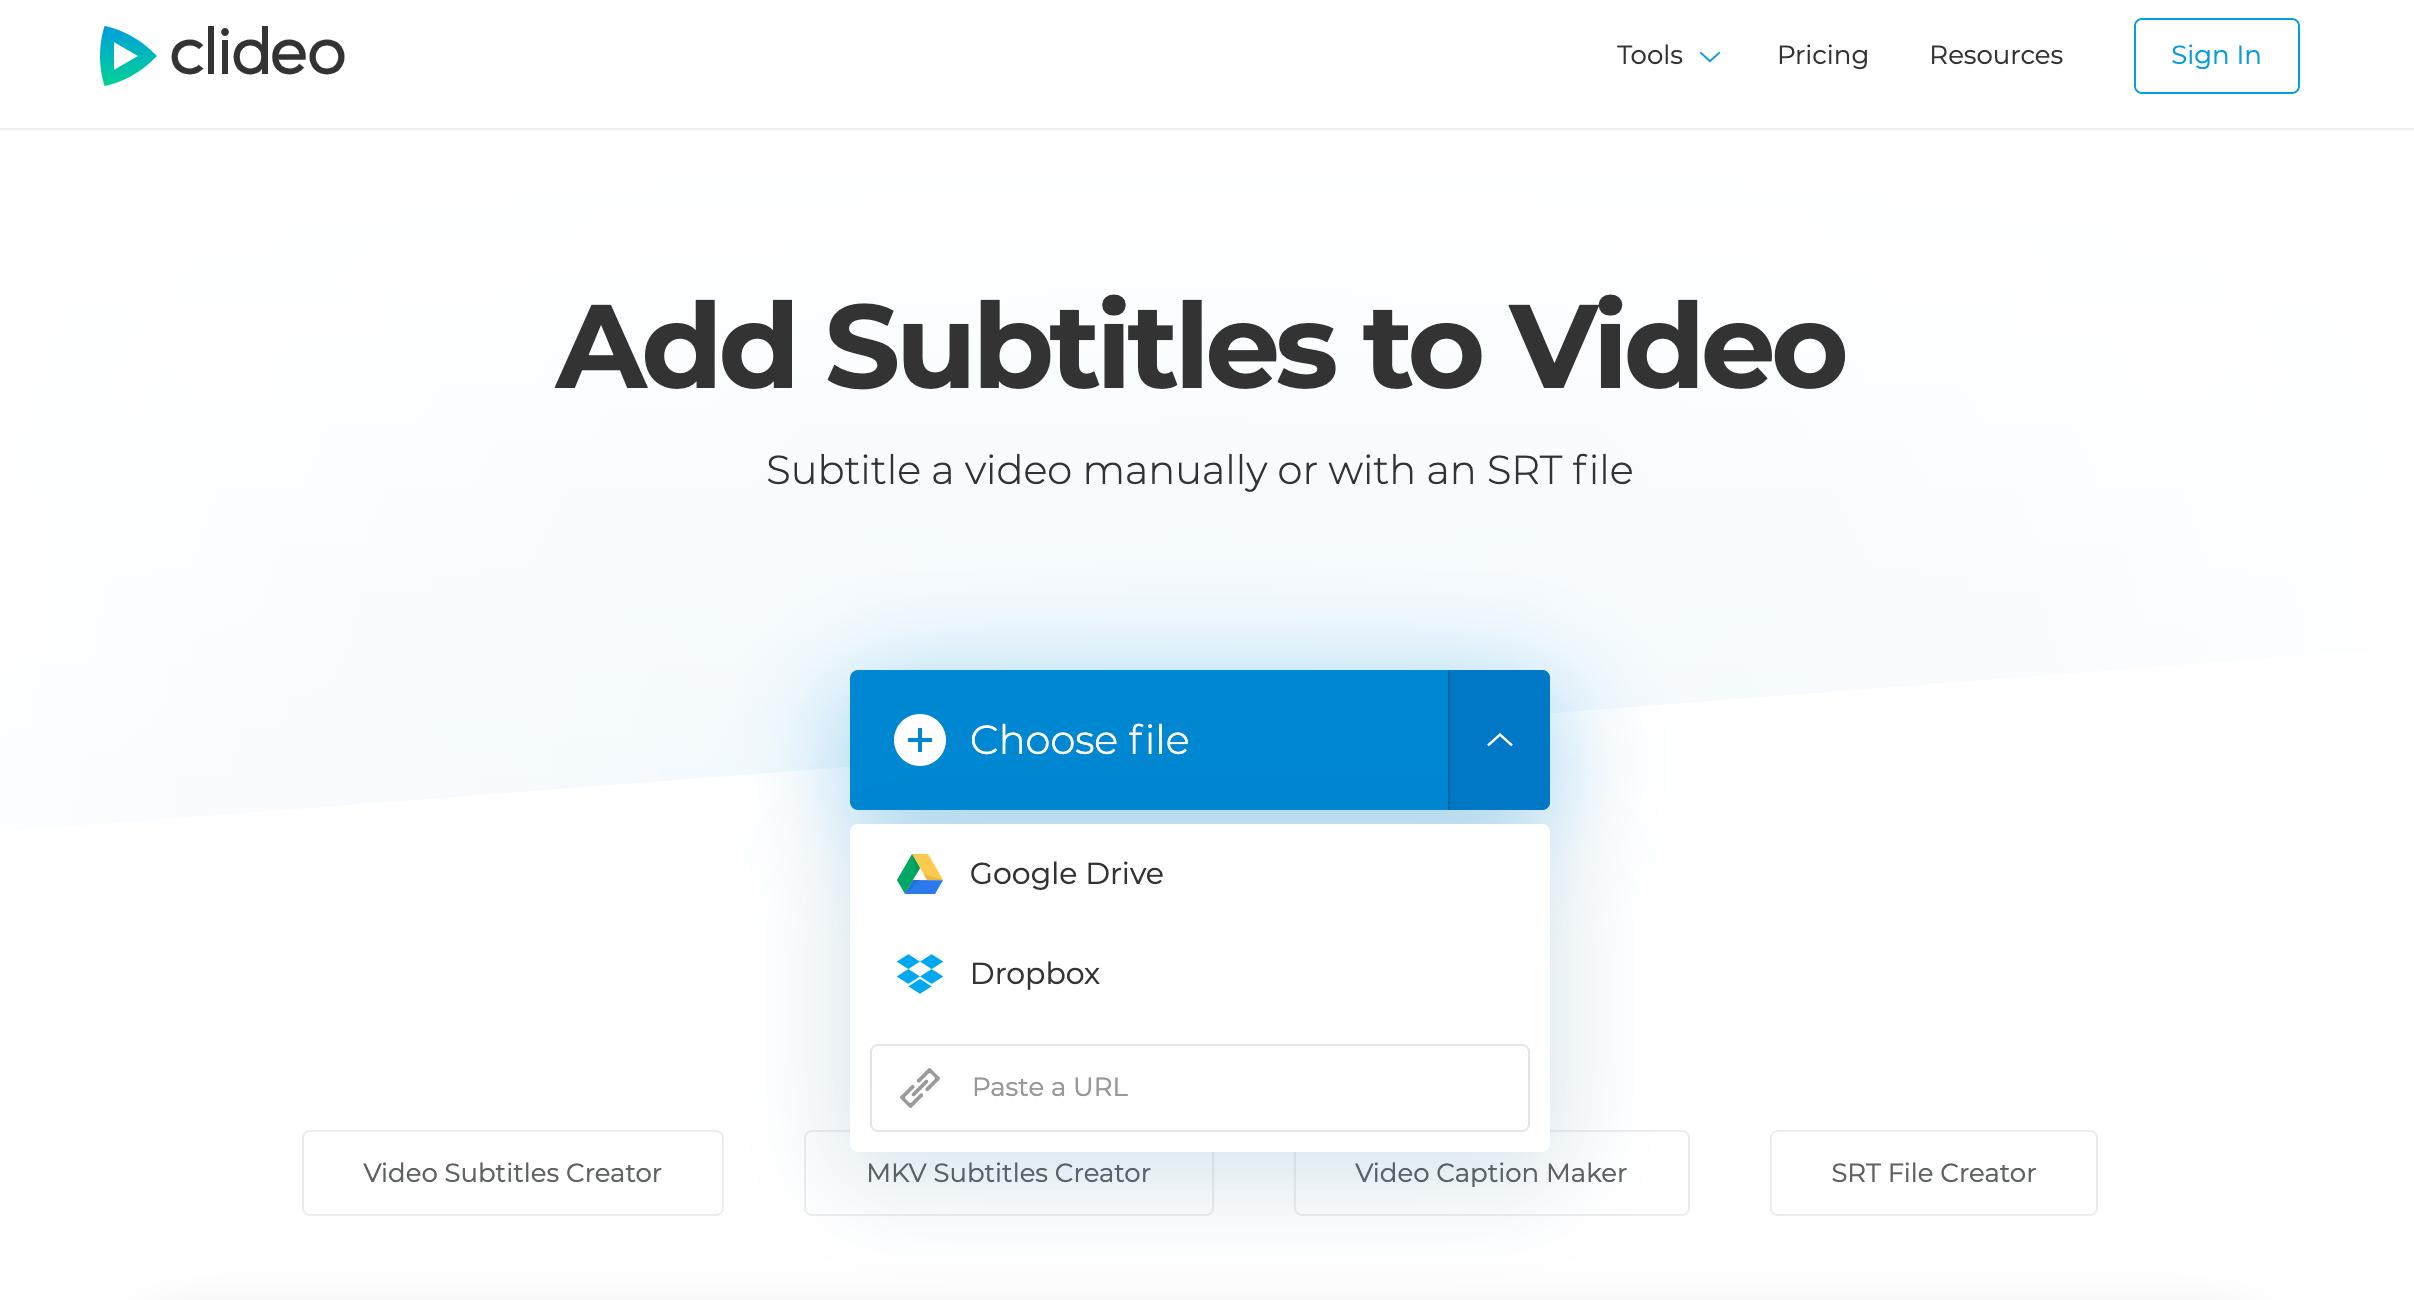 Upload MKV to add subtitles